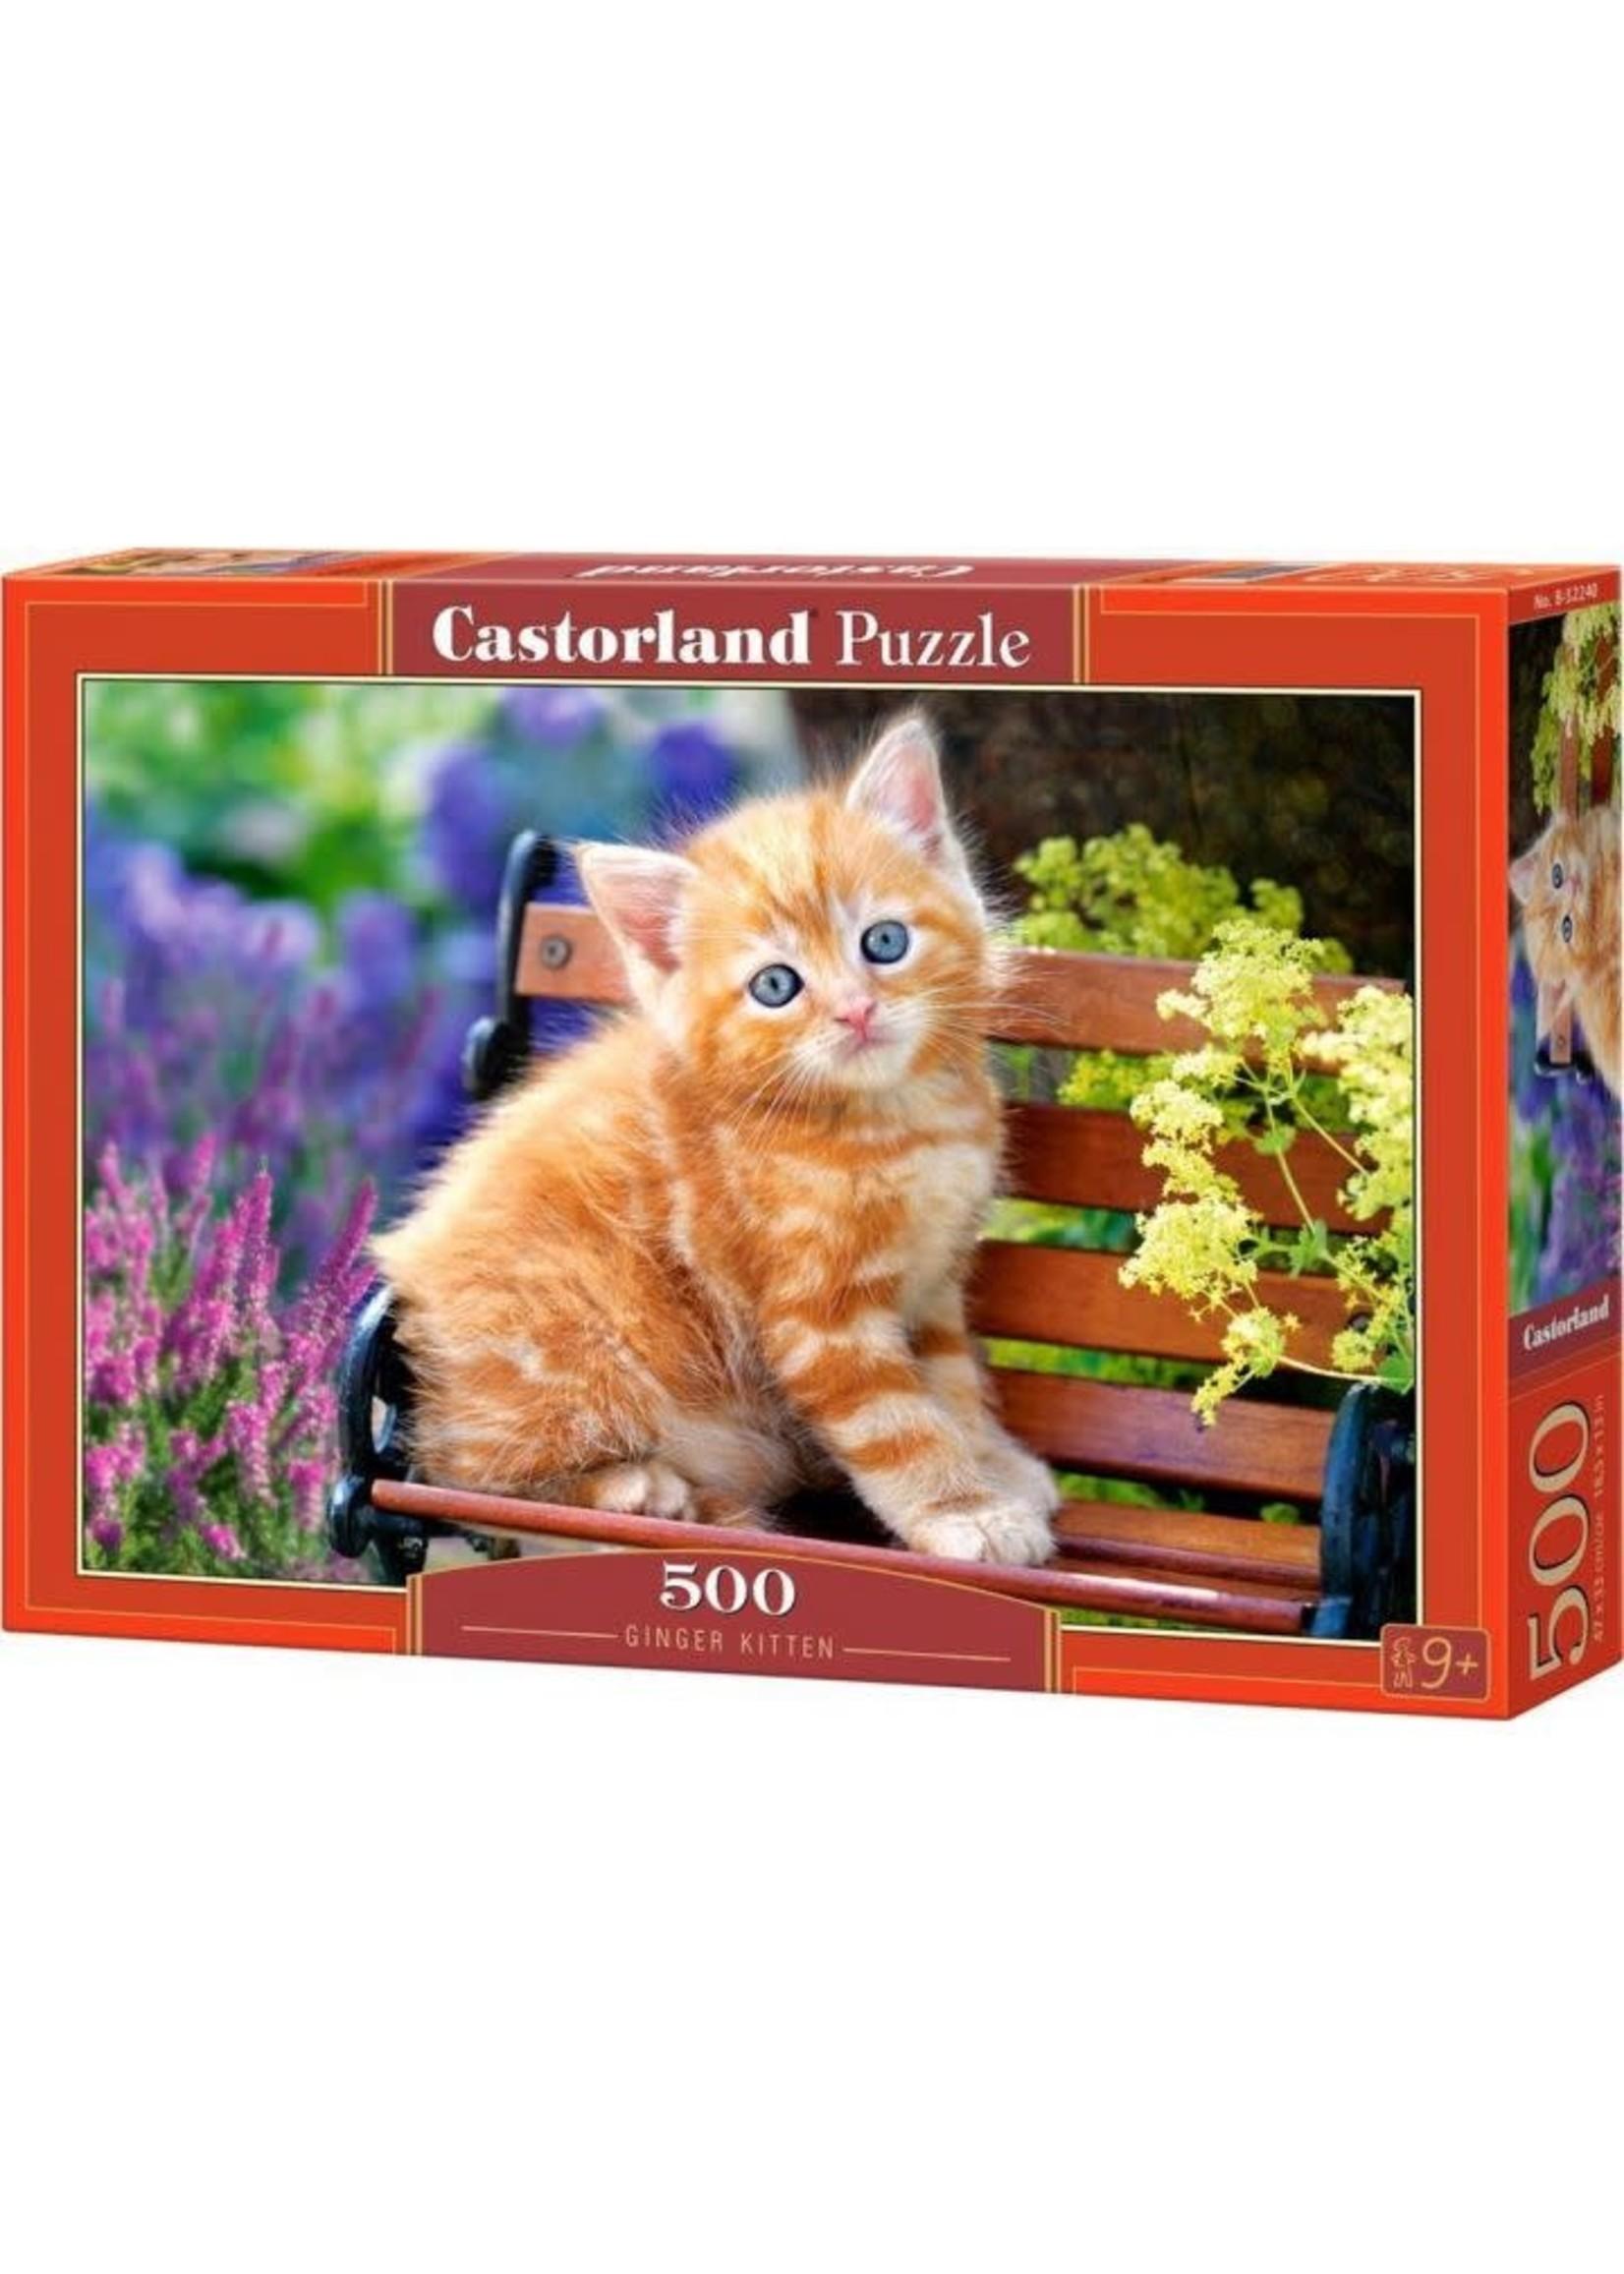 Castorland Ginger Kitten (500 Pcs.)